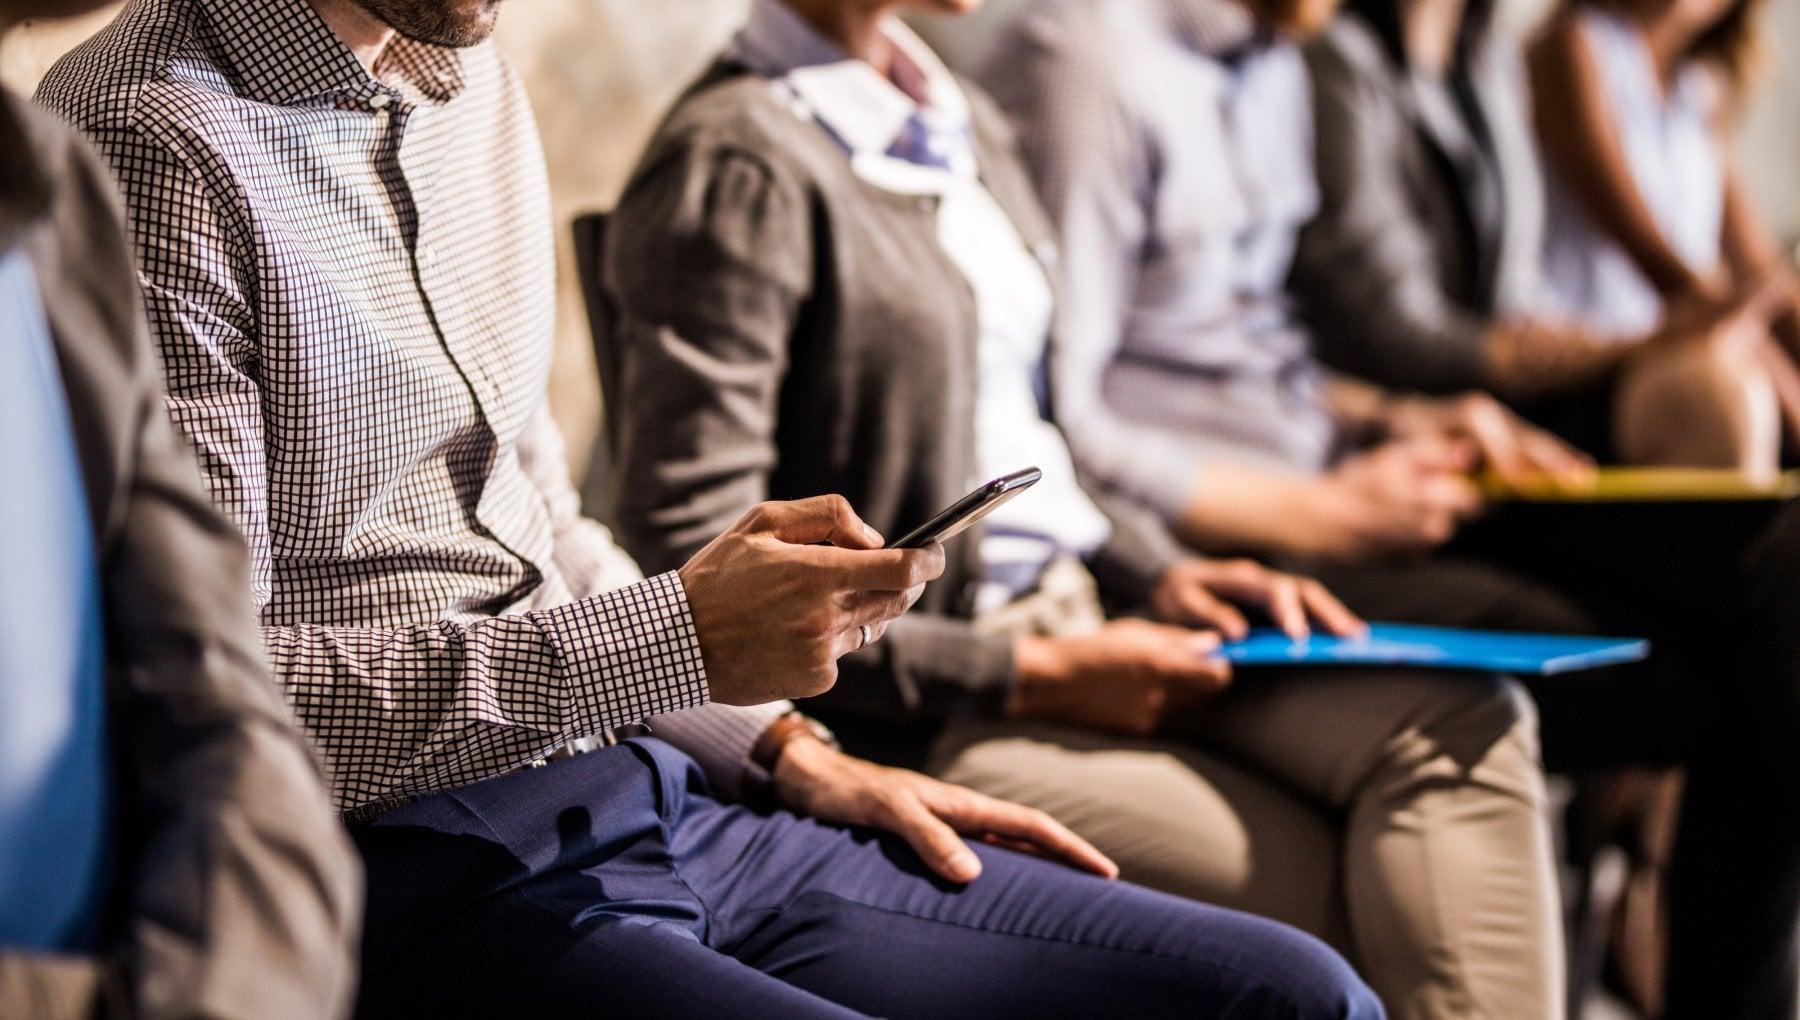 Manovra: smartphone e abbonamento a due quotidiani gratis per i redditi bassi